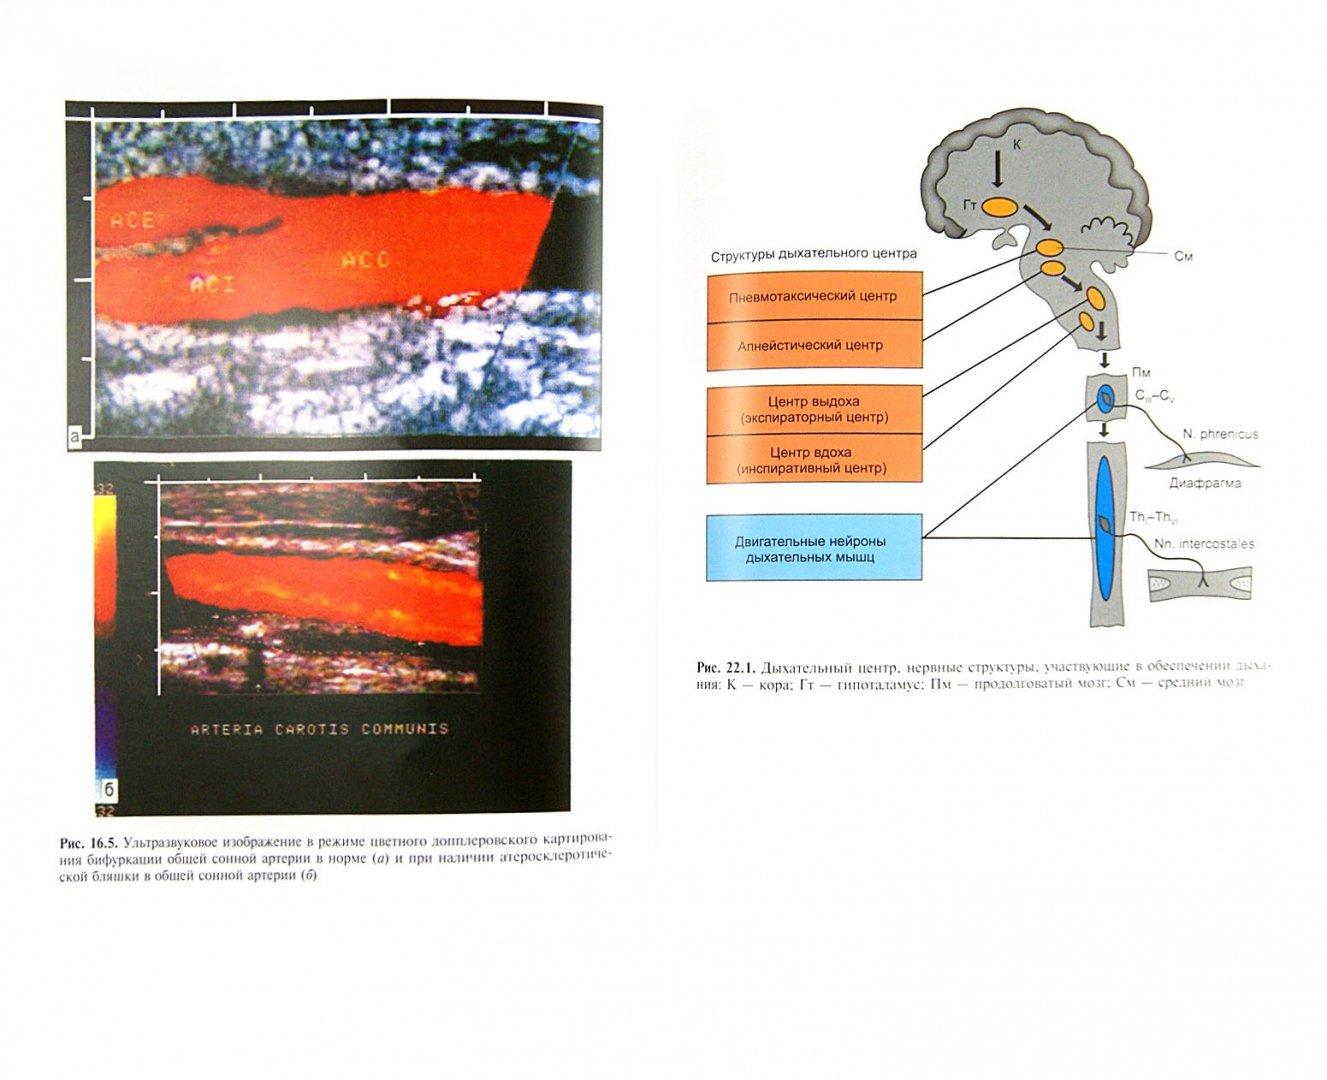 Иллюстрация 1 из 13 для Общая неврология - Никифоров, Гусев | Лабиринт - книги. Источник: Лабиринт